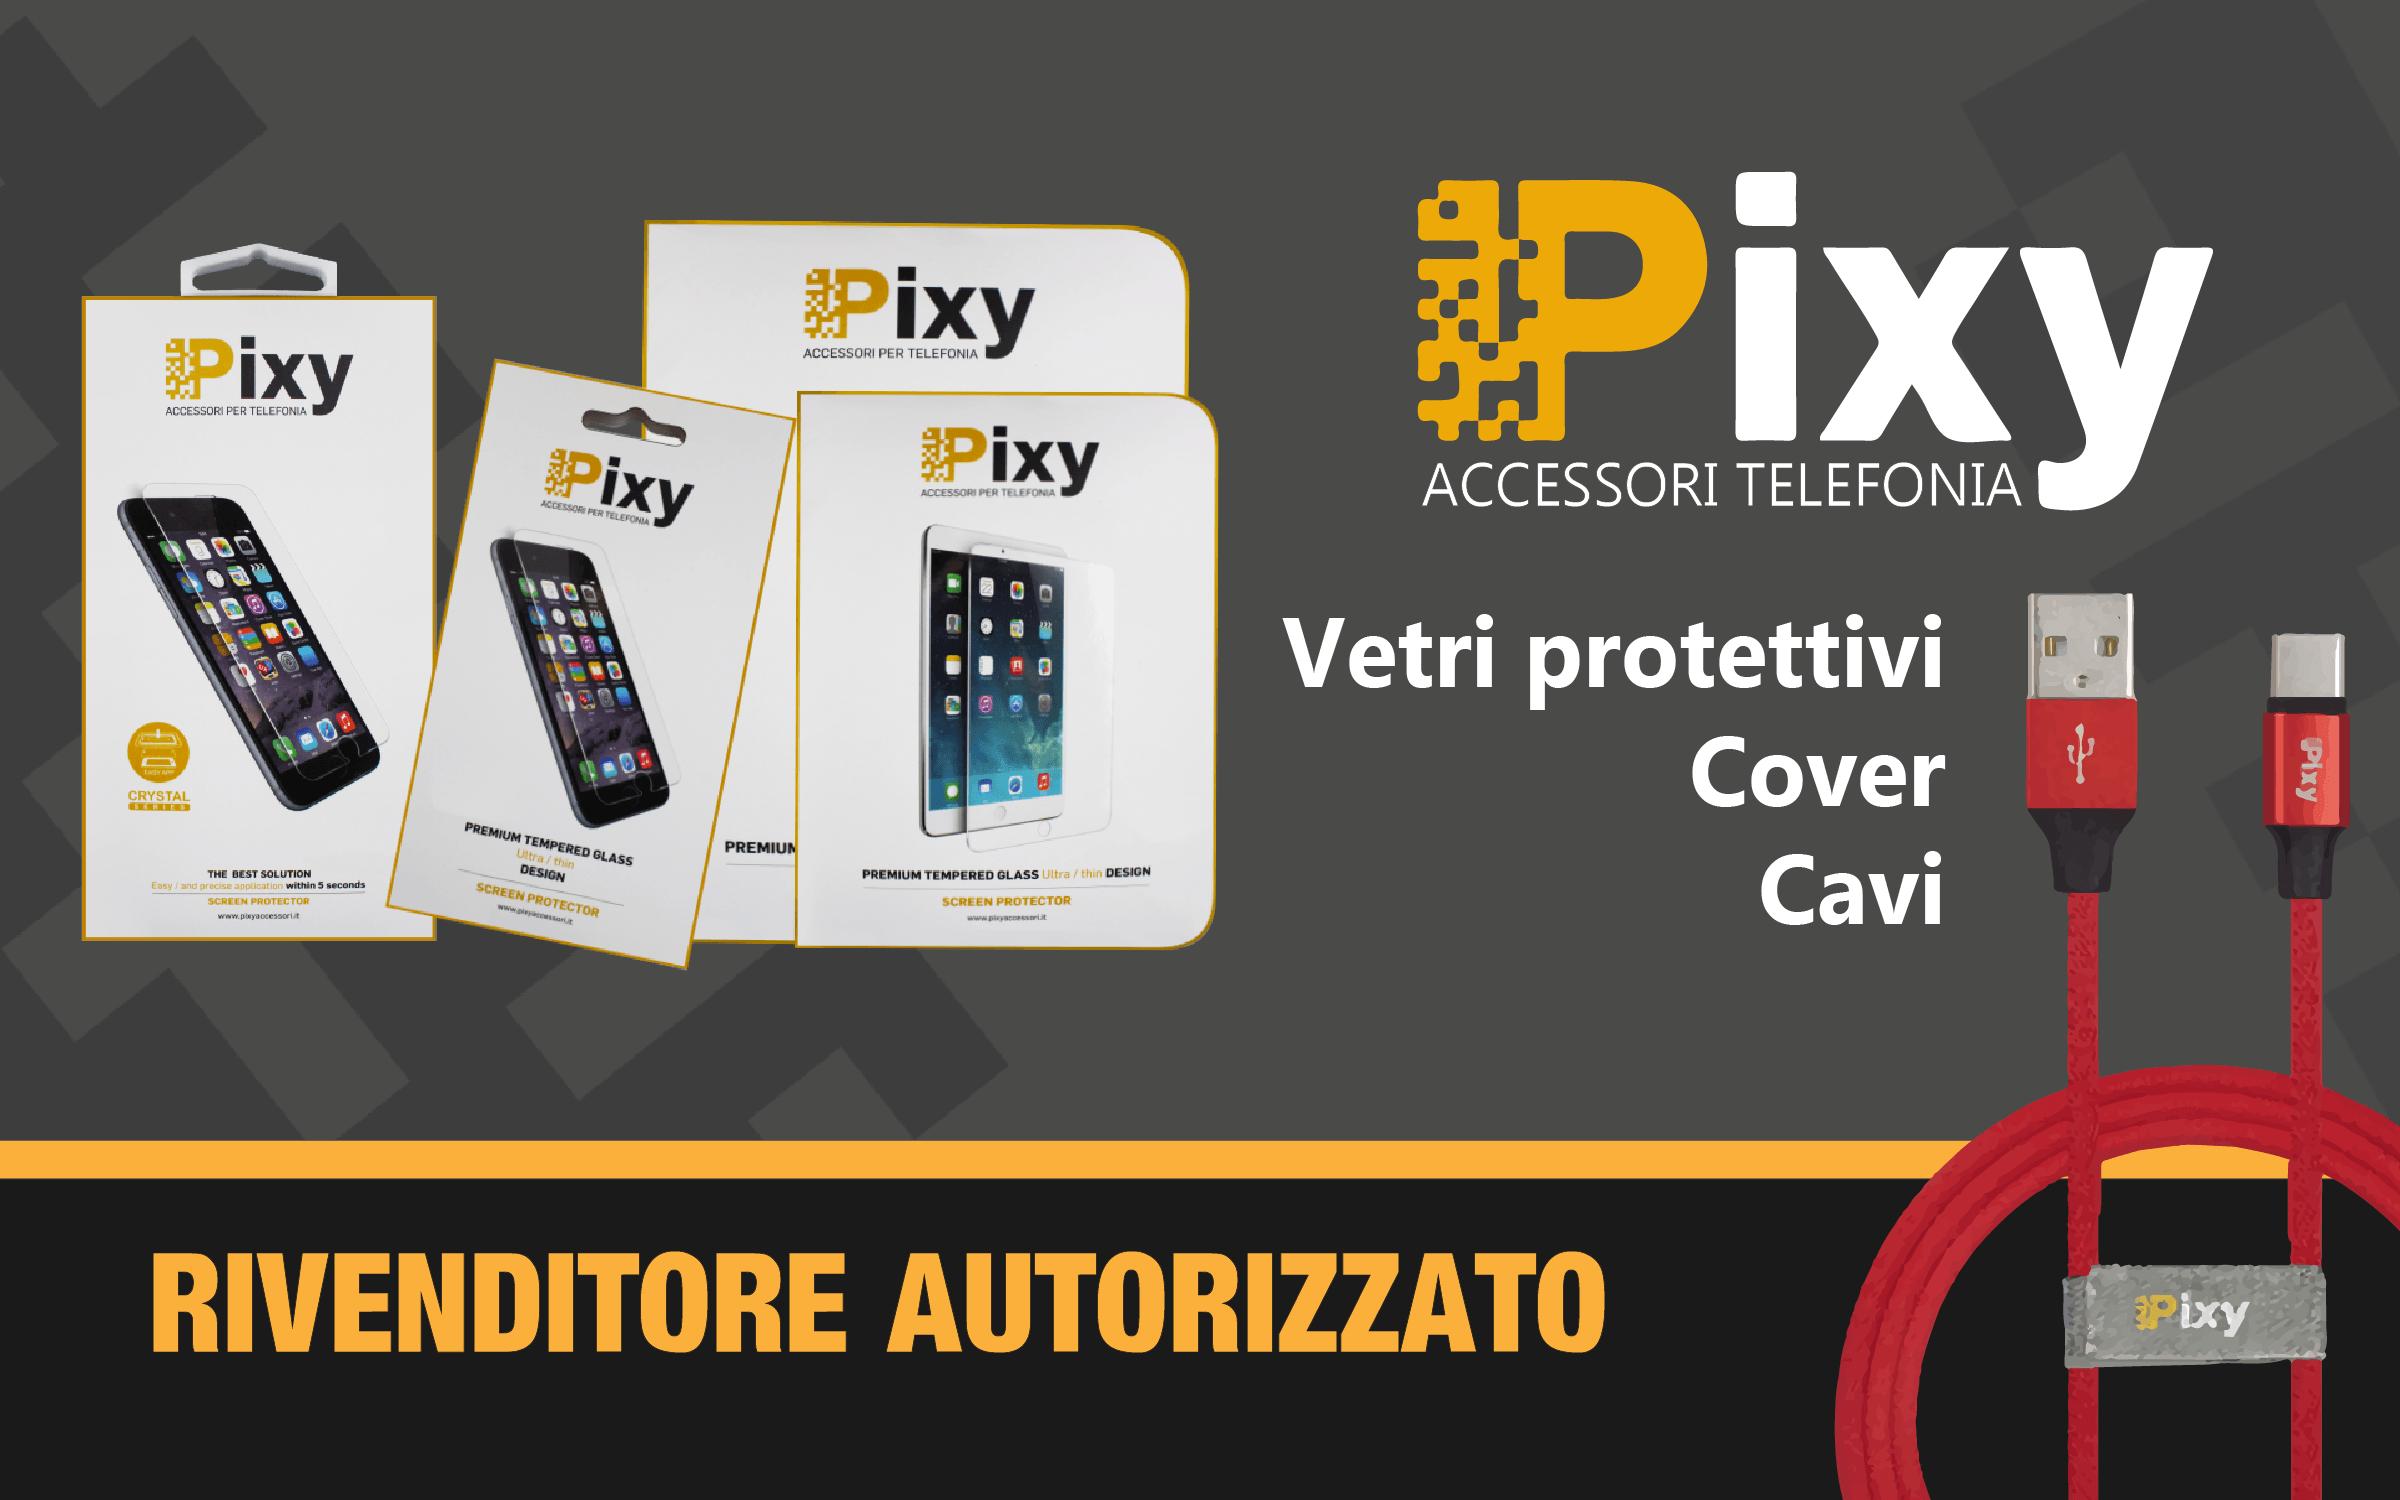 PIXY Accessori per Telefonia